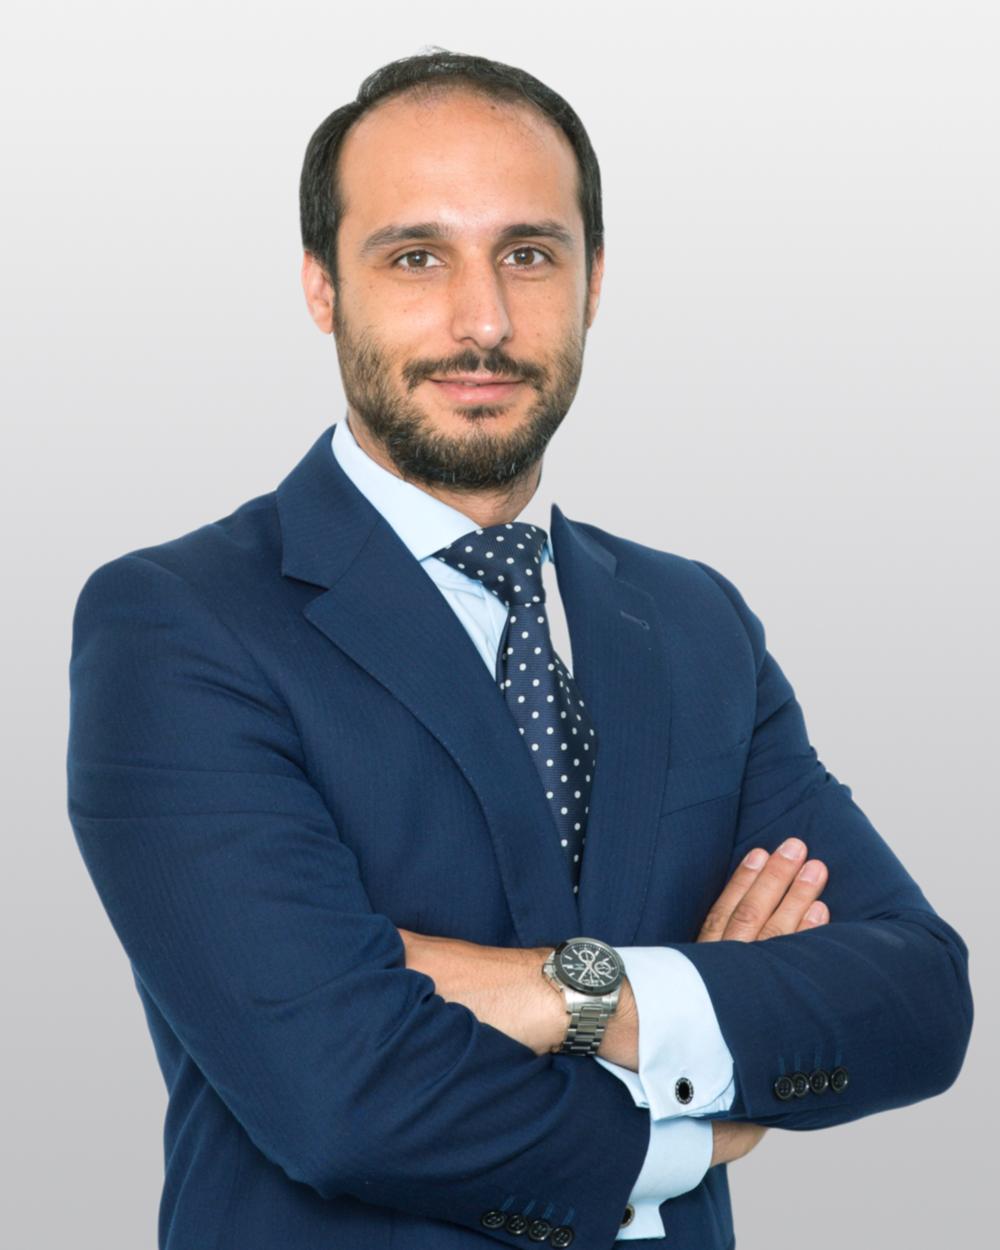 Isaac Arroyo